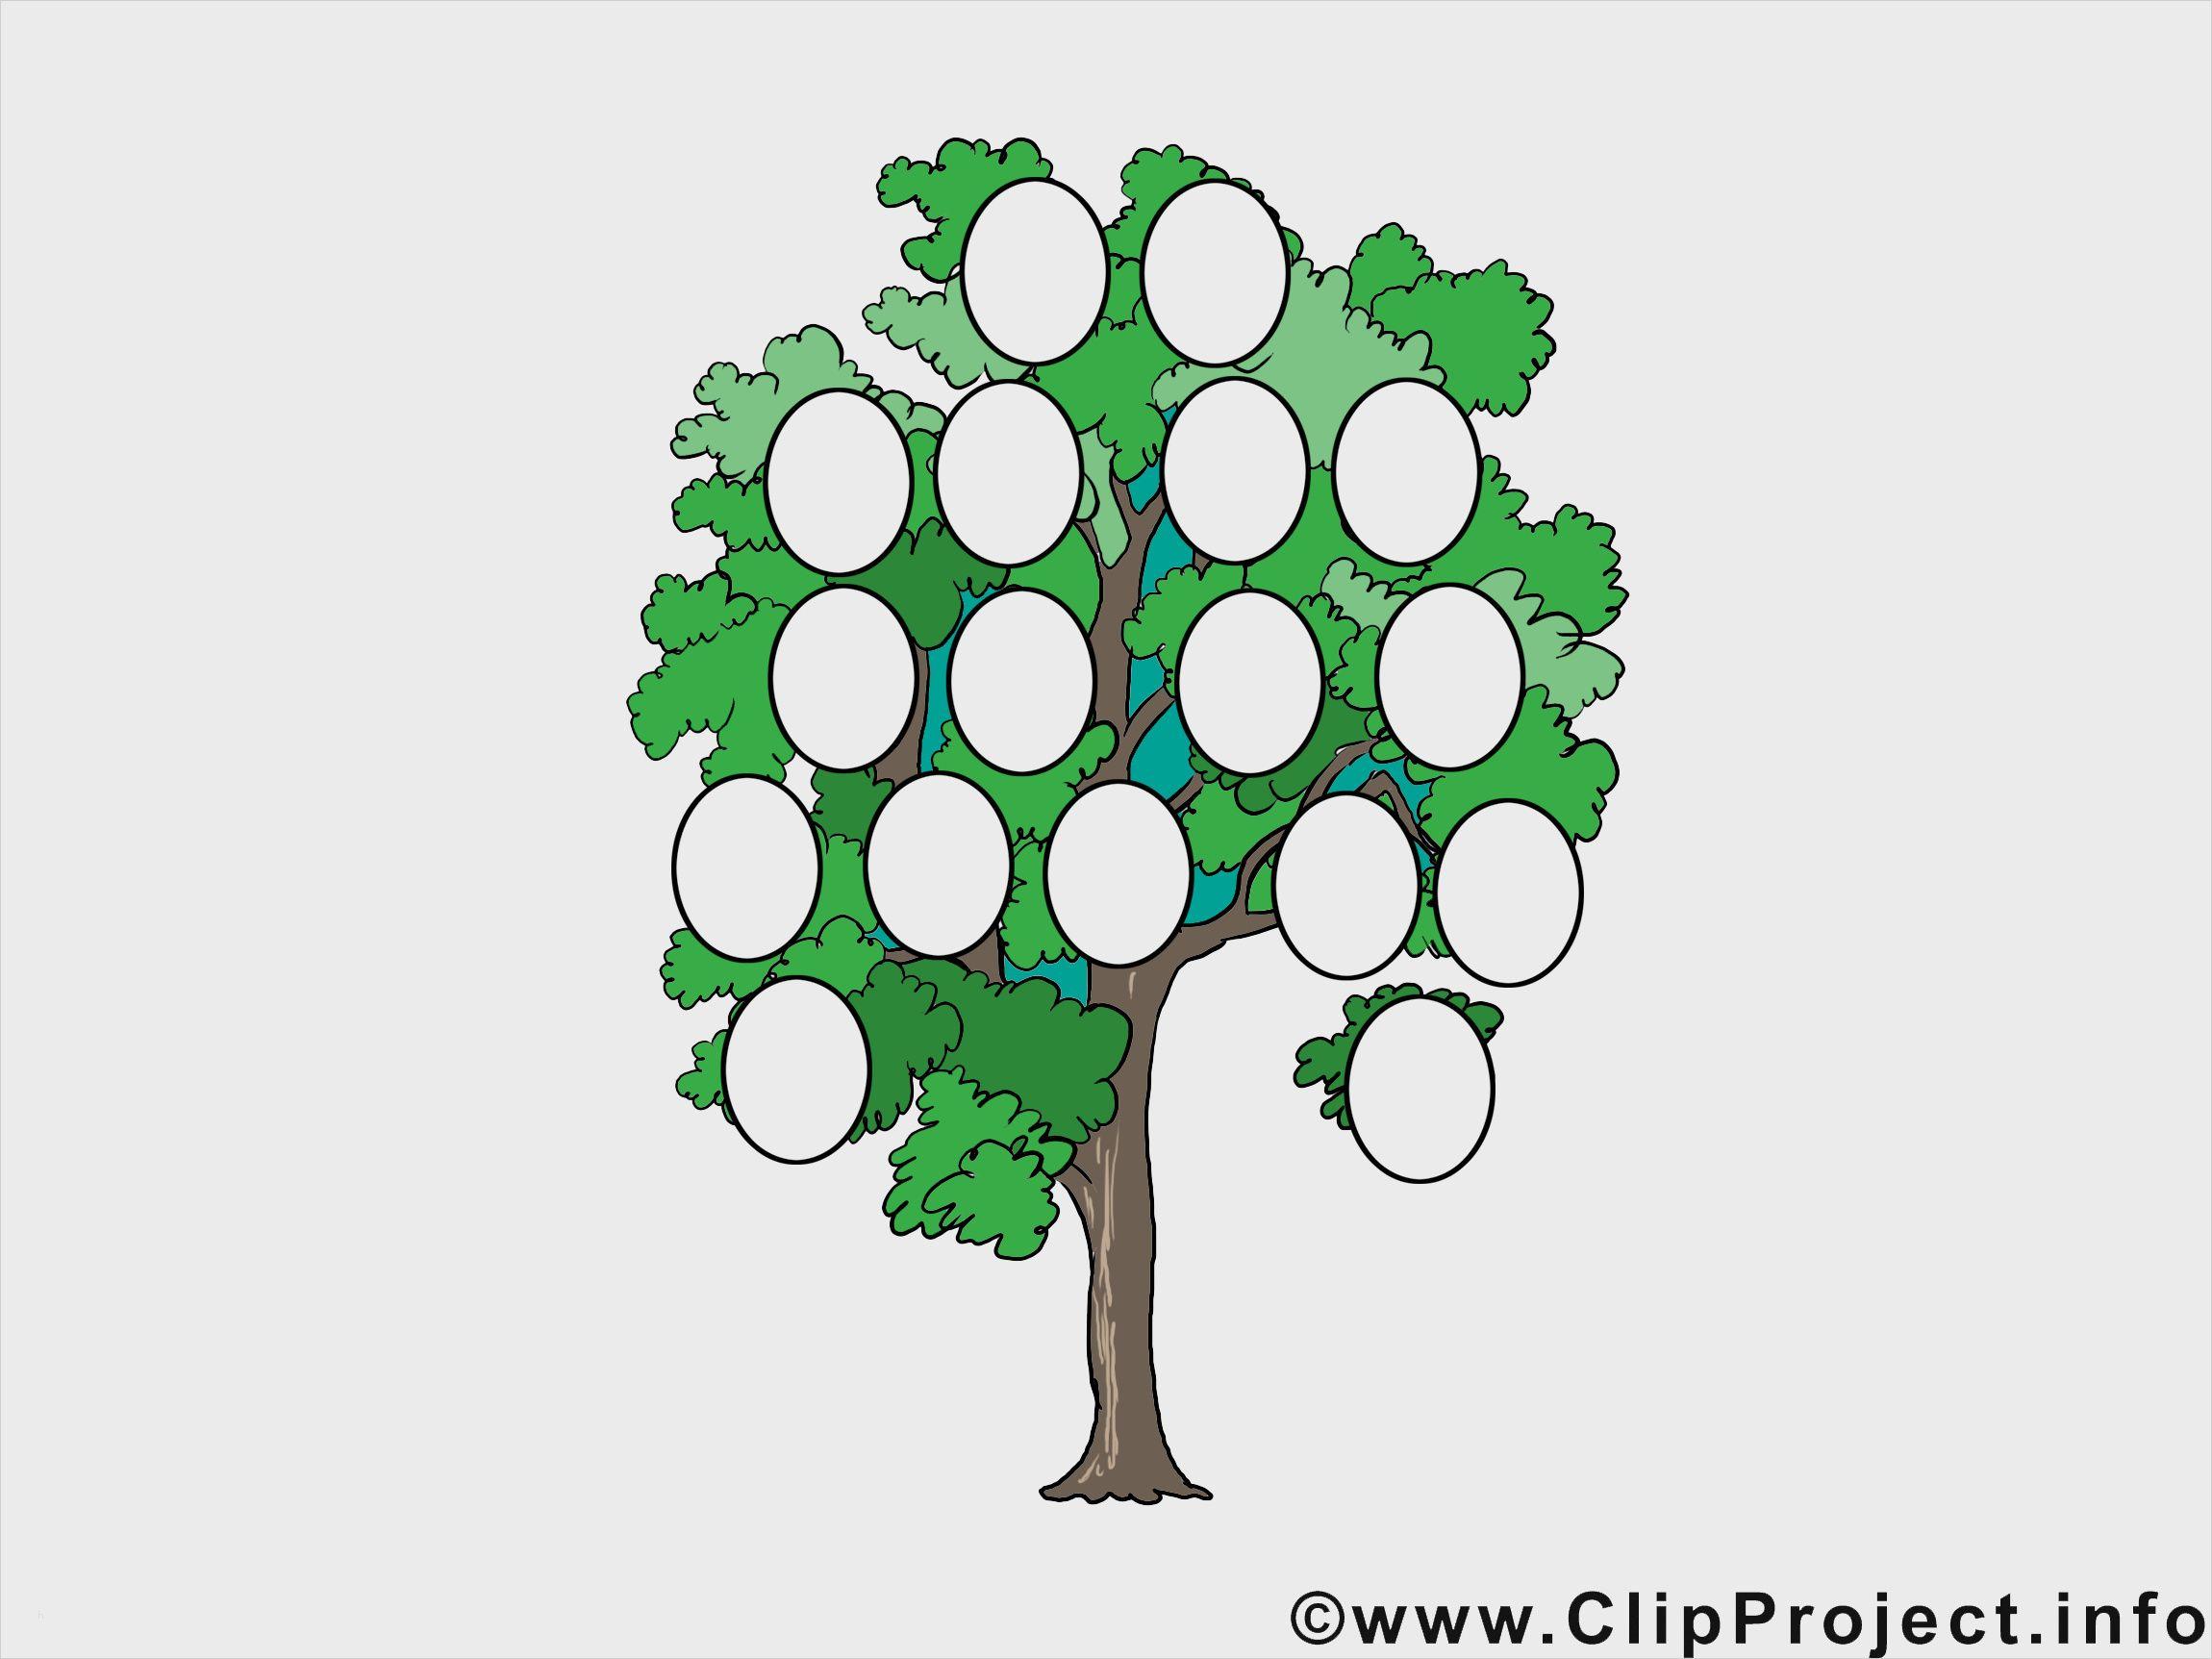 Luxus Vorlage Familienstammbaum Kostenlos Stilvoll Solche Konnen Einstellen Fur Ihre Kreativi In 2020 Stammbaum Vorlage Familienstammbaum Erstellen Lebenslauf